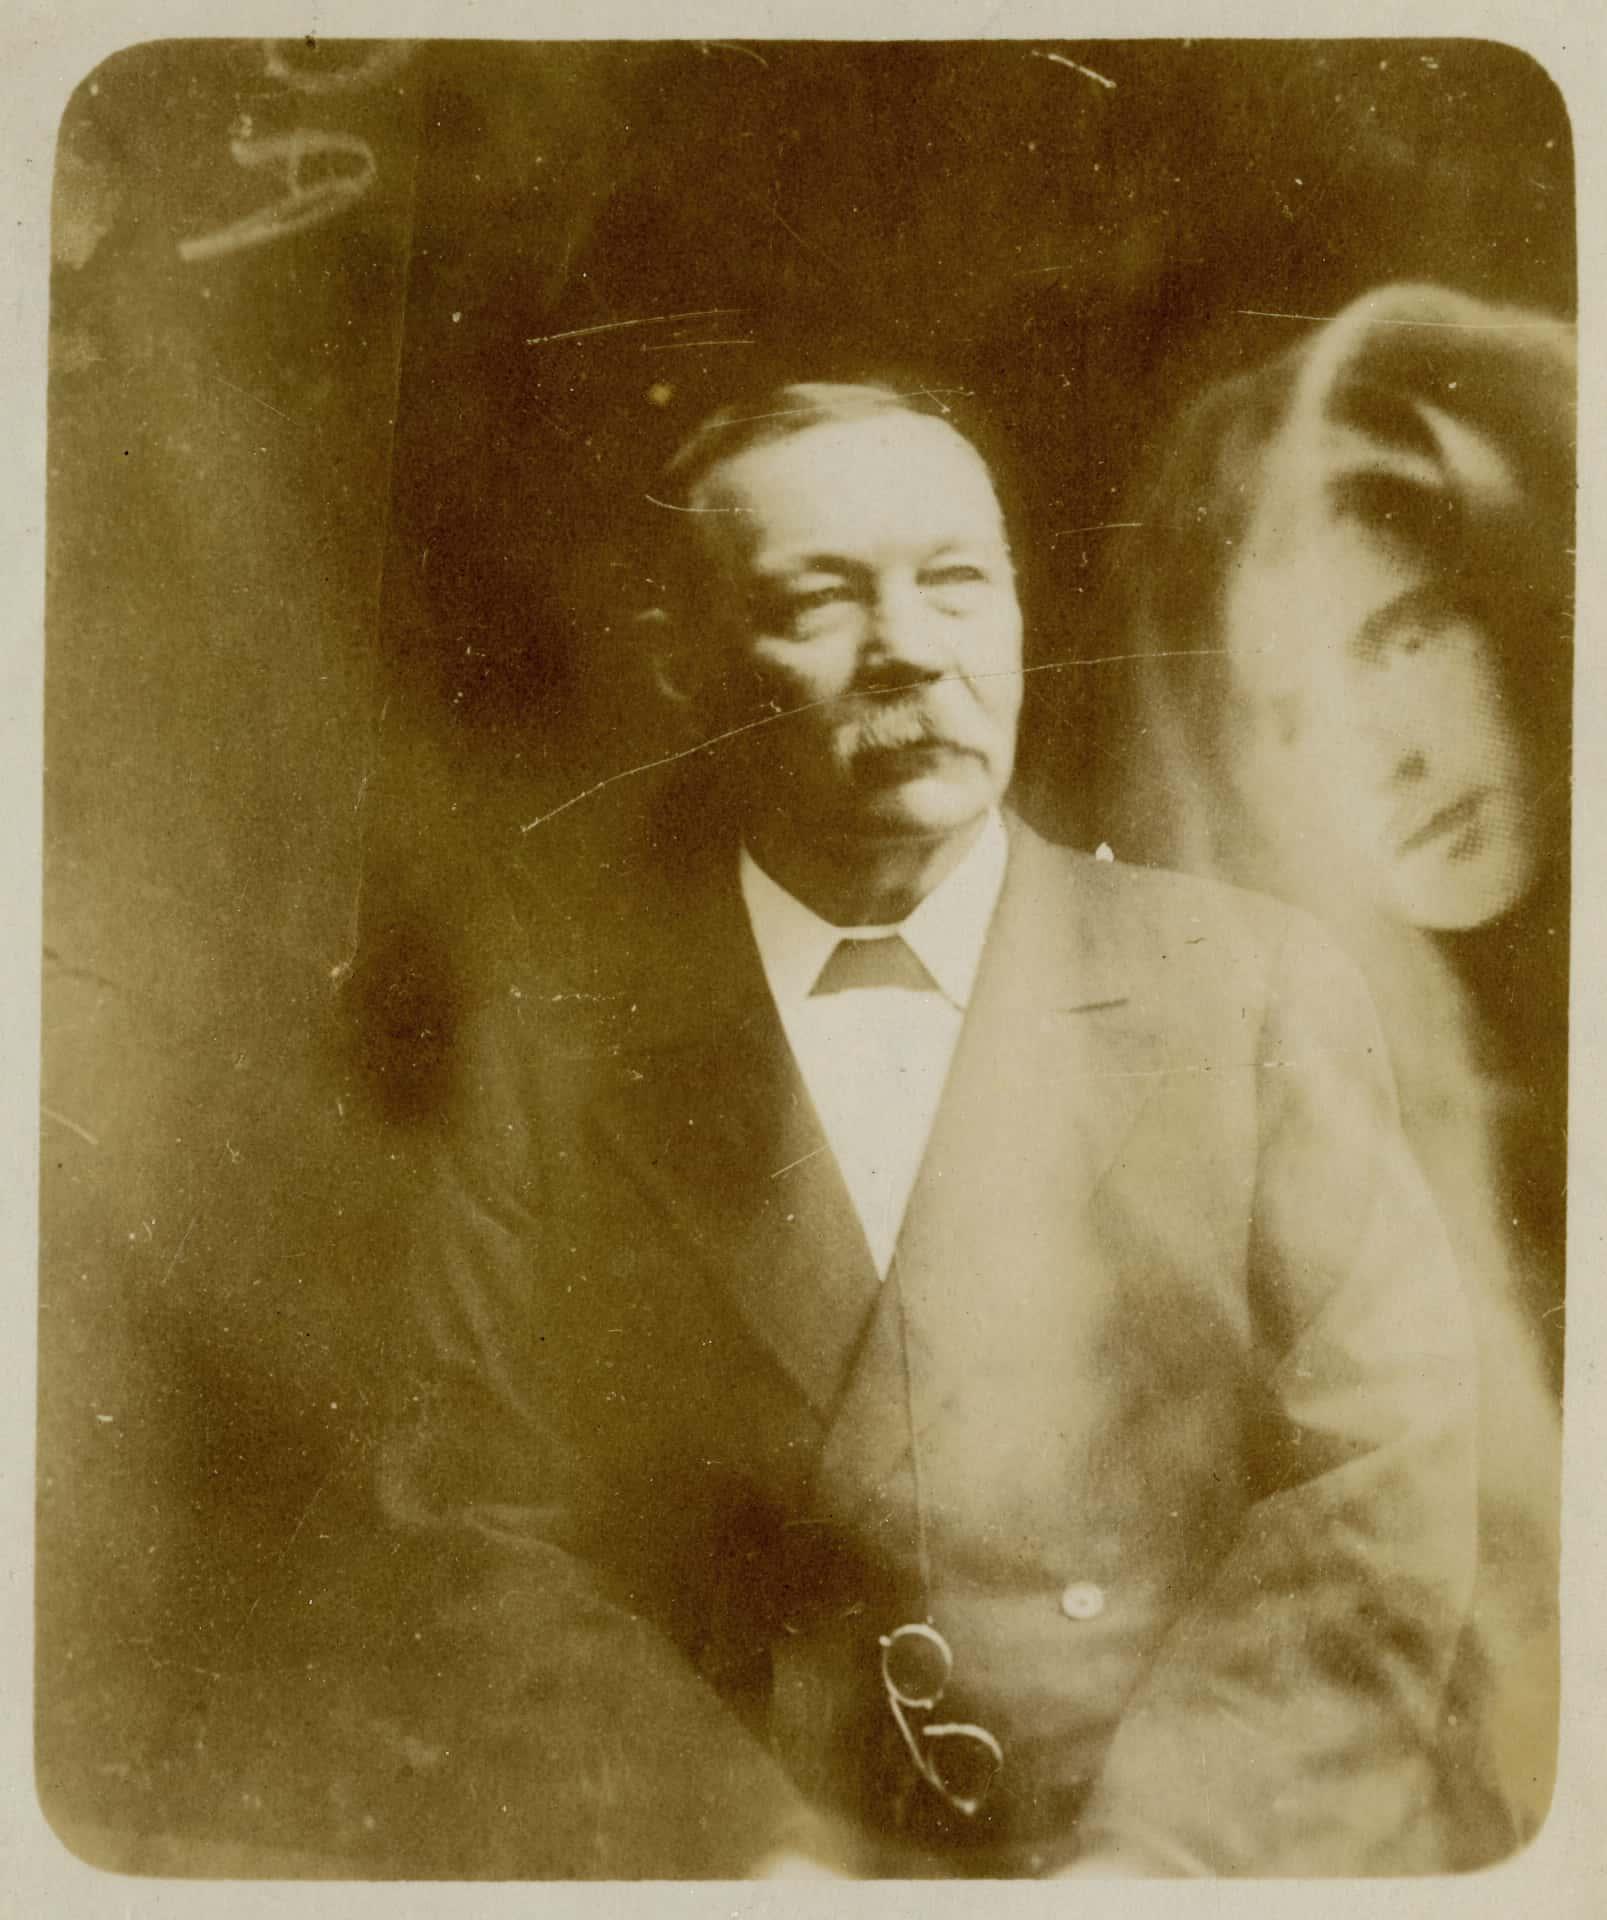 Conan Doyle Facts